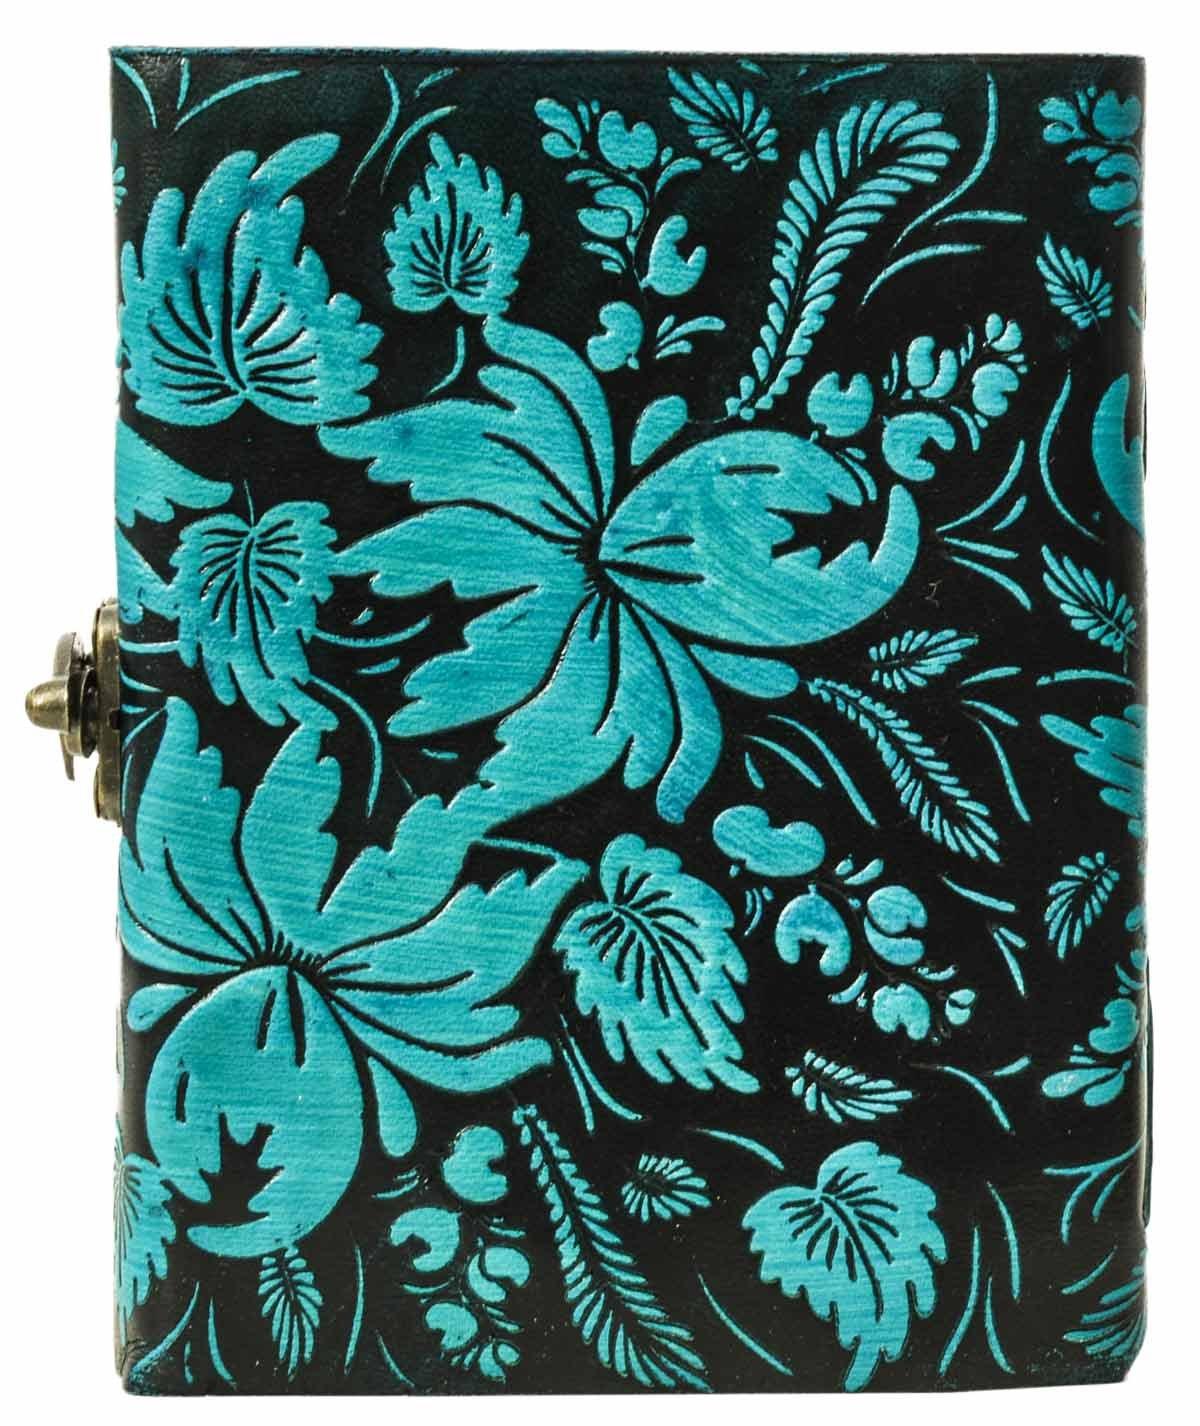 Libreta Gusti Cuero studio Bonnie Agenda Formato B5 Diario de Viaje Libreta de Dibujo Libreta de Foto Azul 2P46-24-20